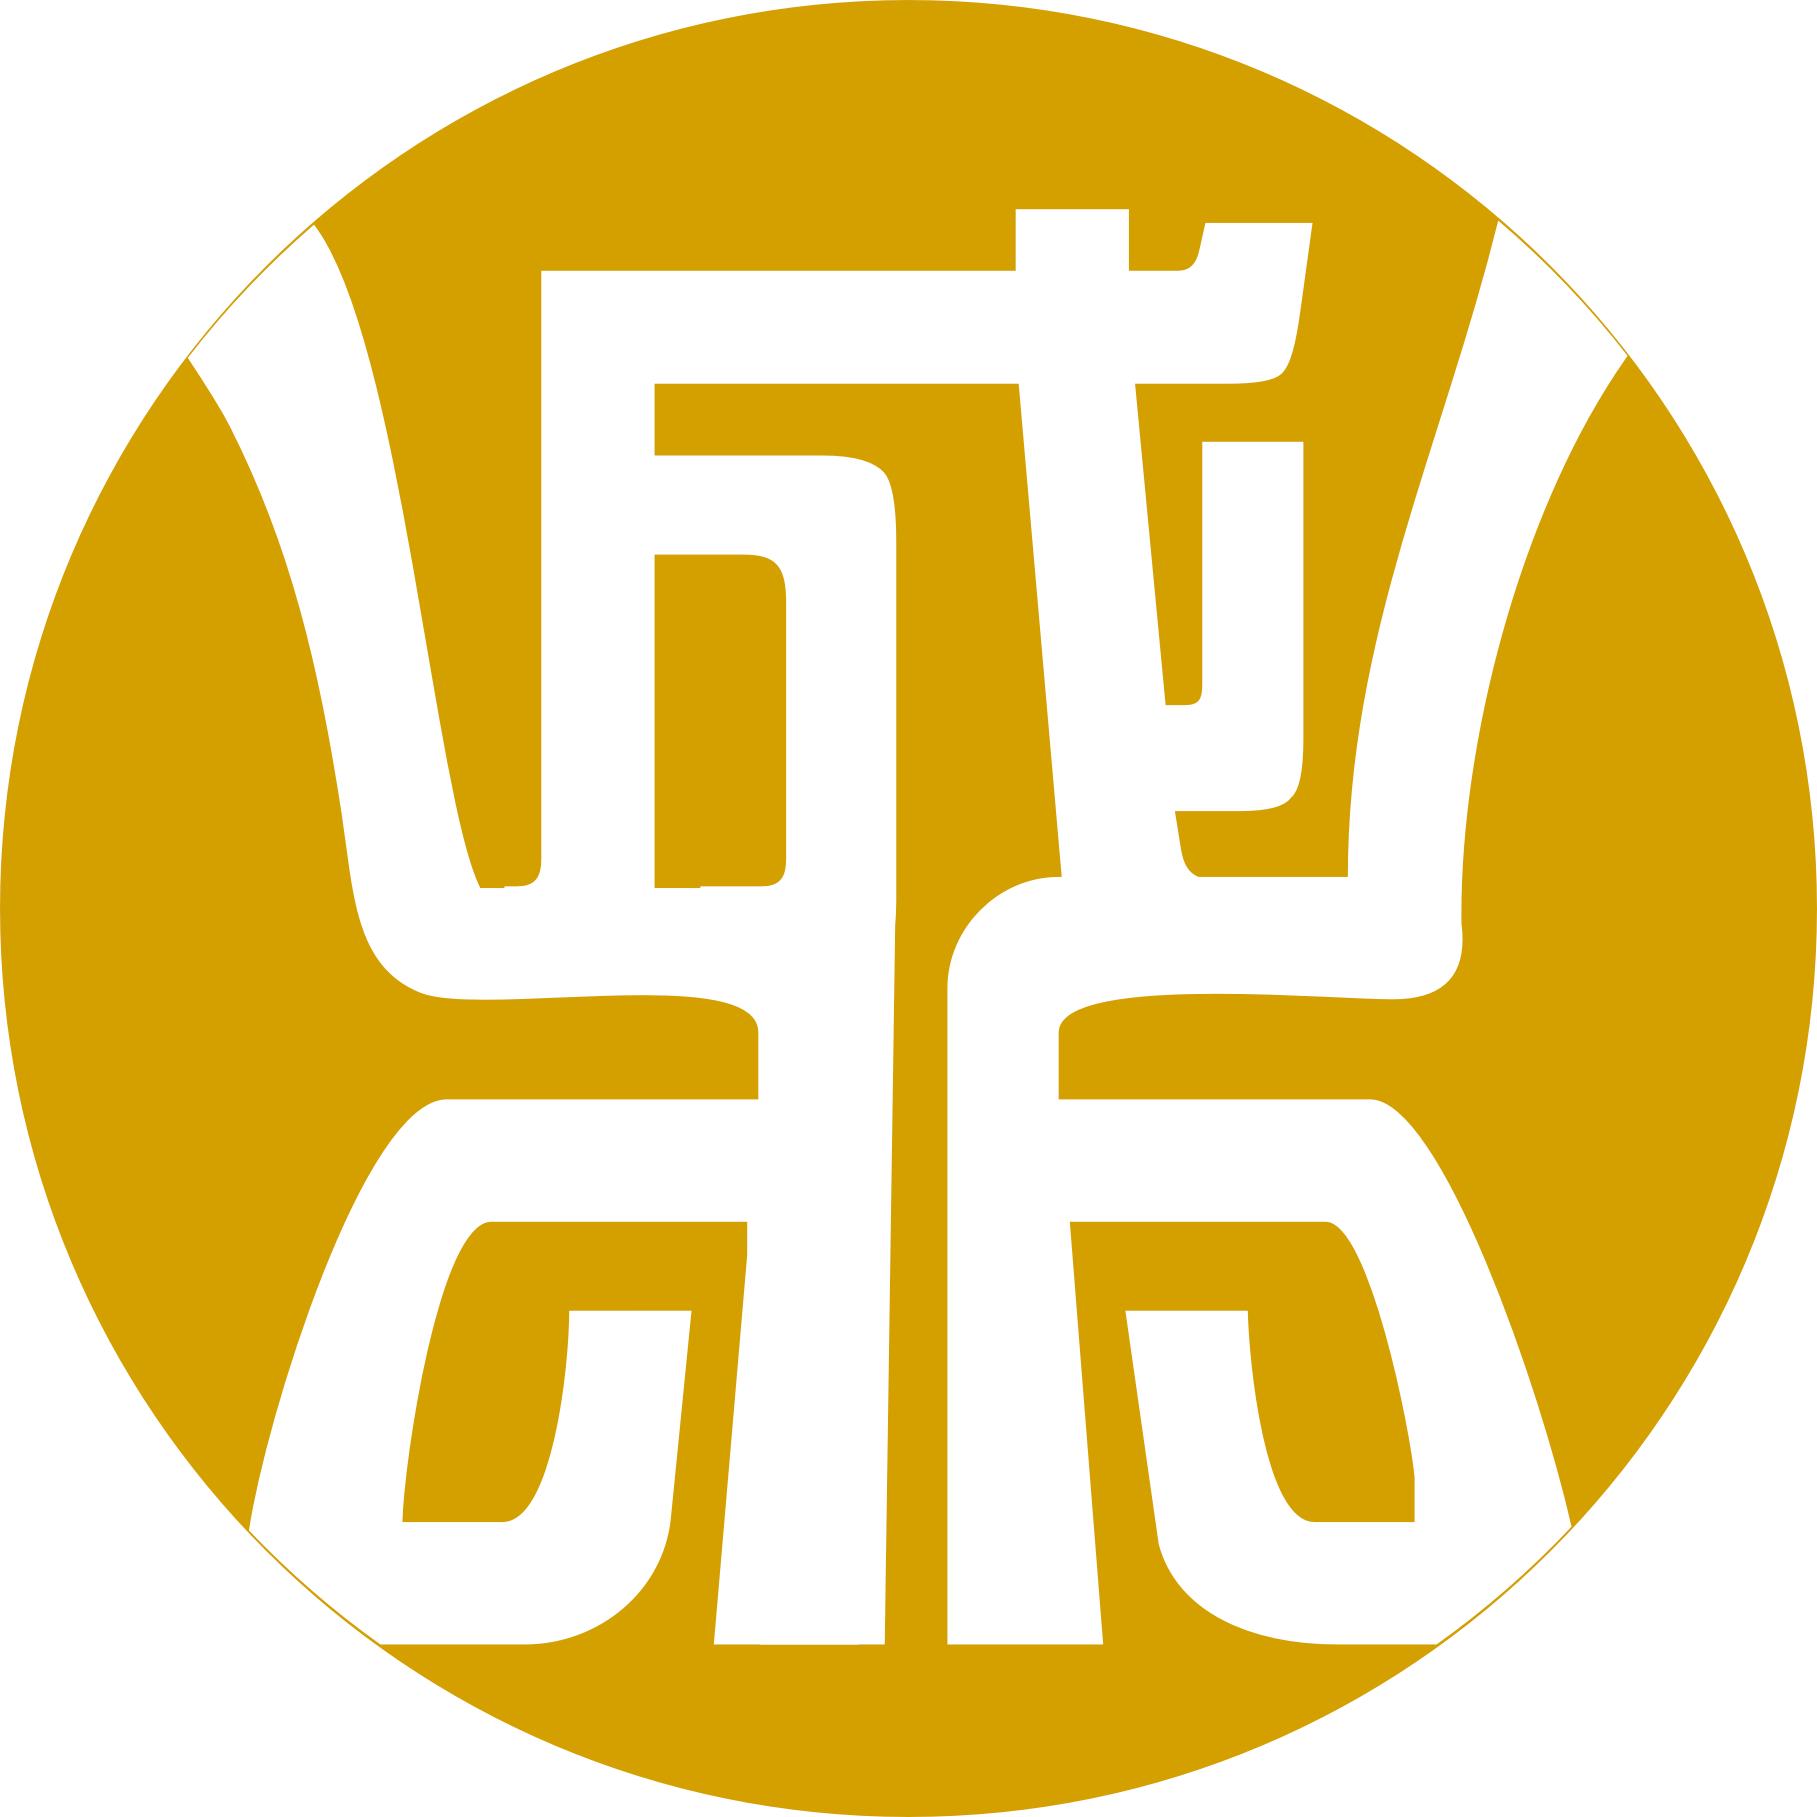 短线抄底如何判断-今日大盘分析-深圳市前海鼎成汇鑫投资有限公司